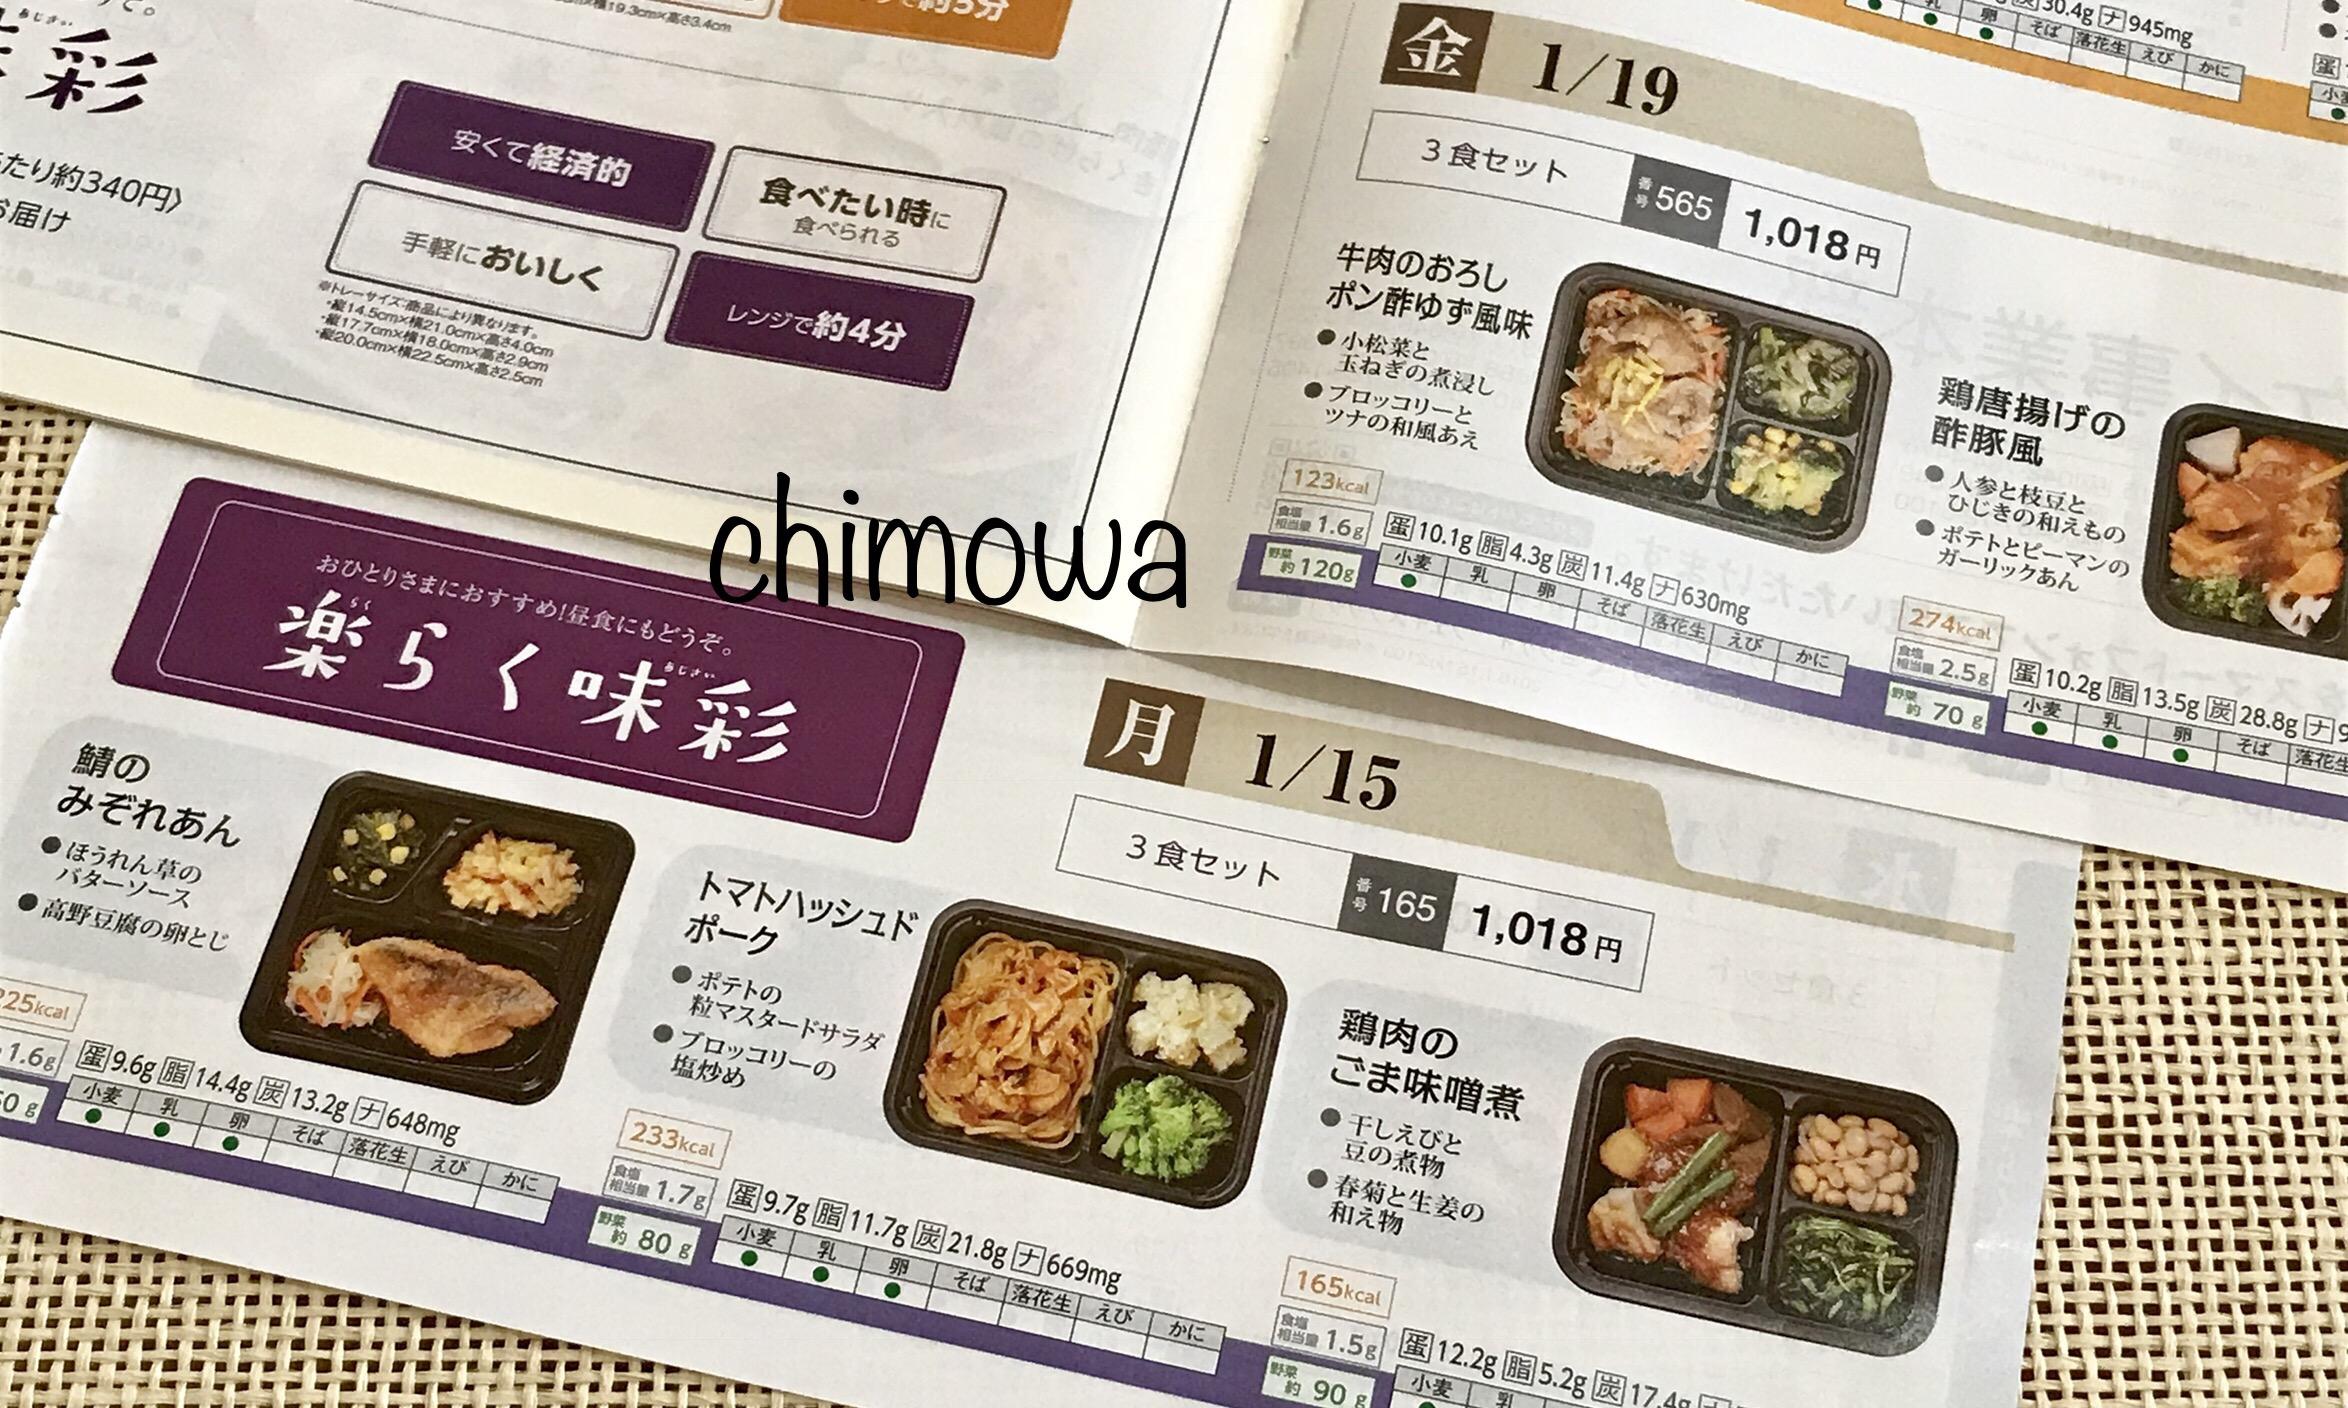 参考 夕食netと同じヨシケイの冷凍弁当シリーズ楽らく味彩の写真